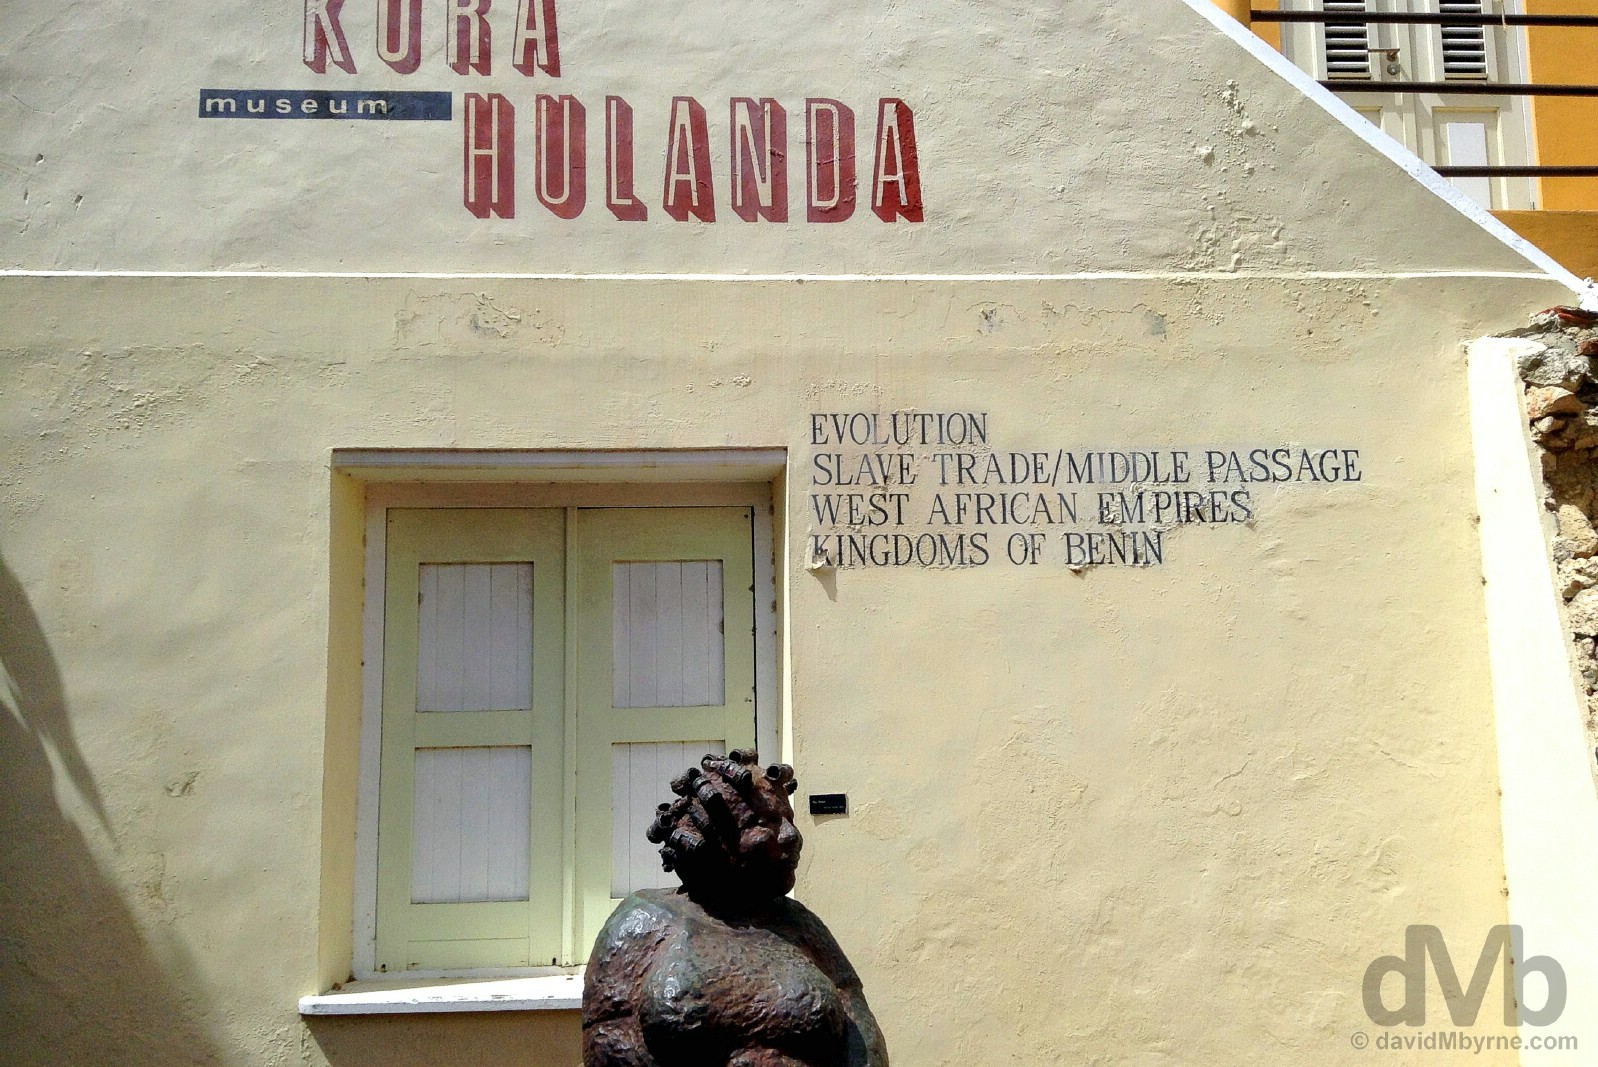 Museum Kura Hulanda, Otrobanda, Willemstad, Curacao, Lesser Antilles. June 20, 2015.